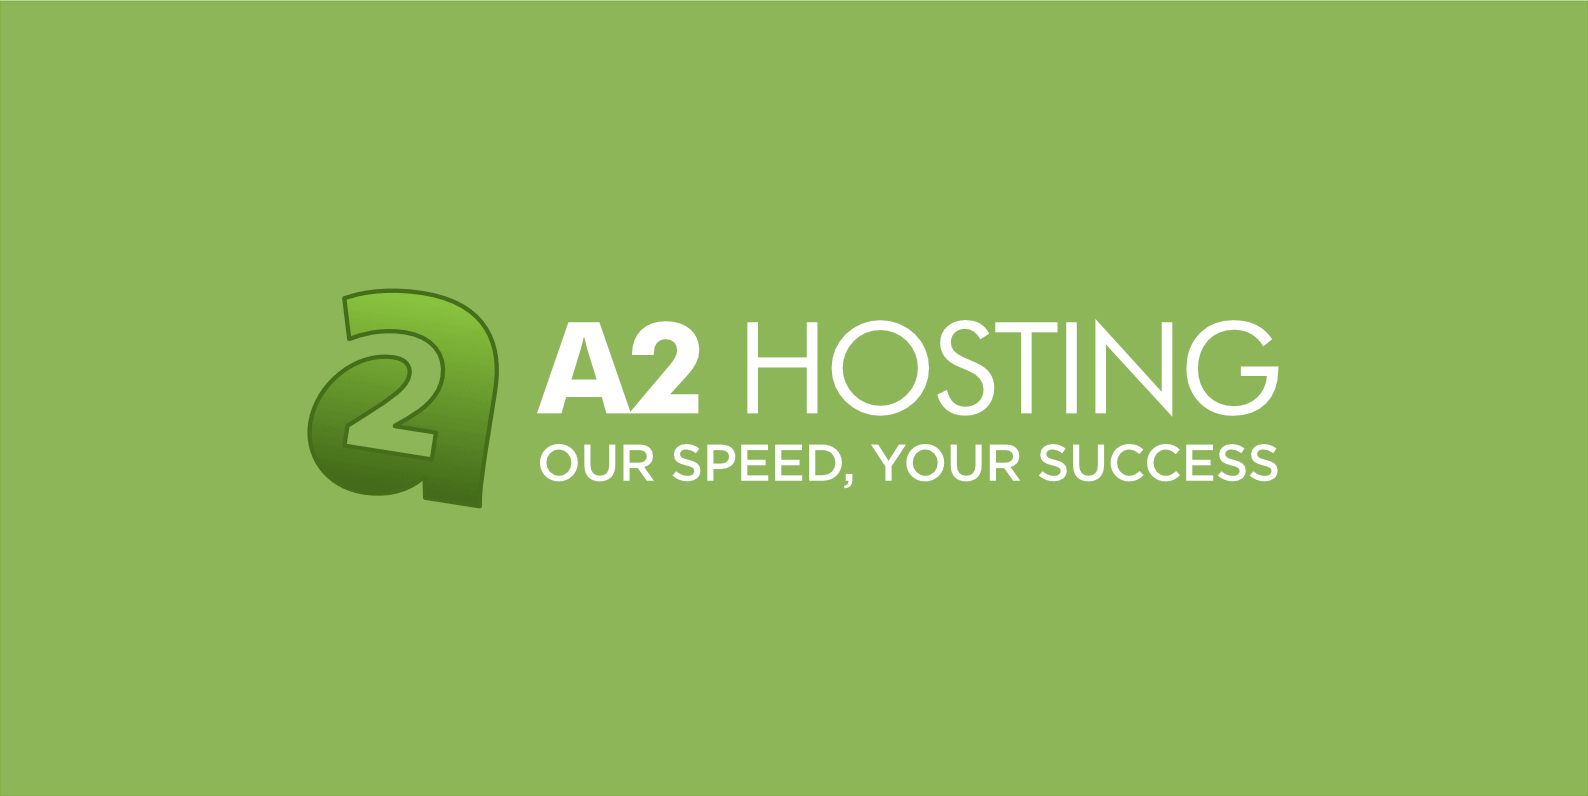 a2-hosting-best-canadian-web-hosting